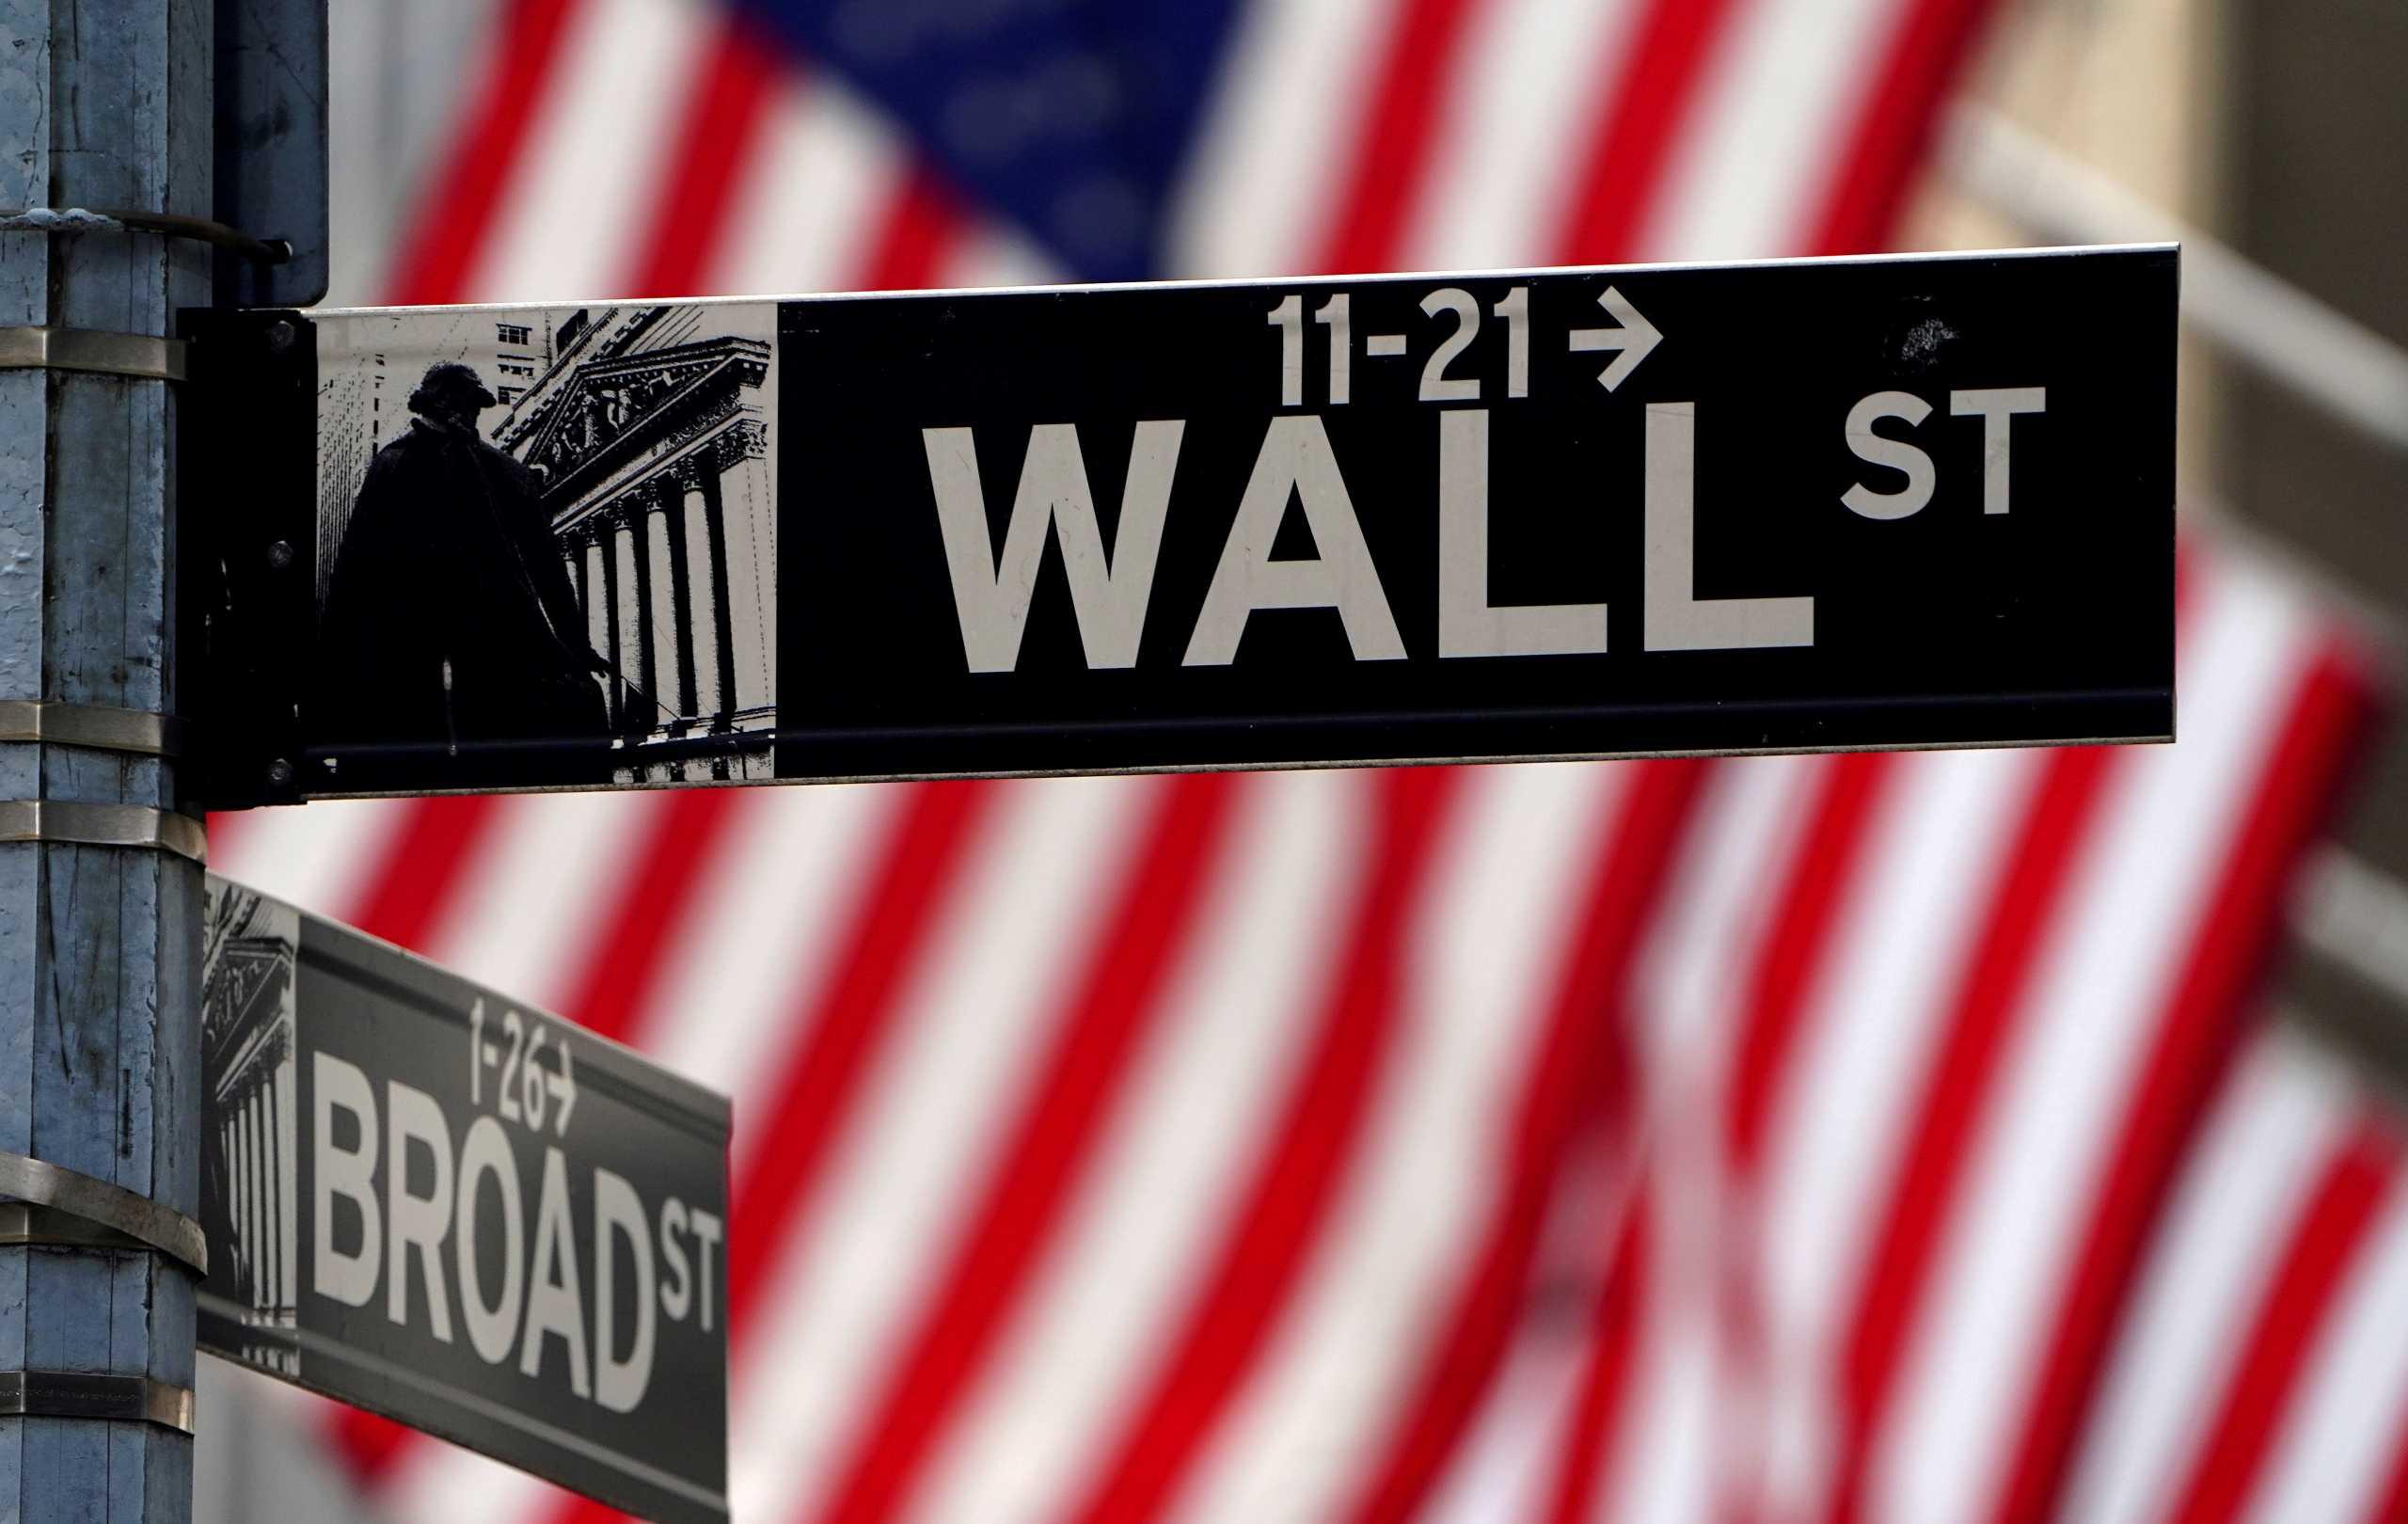 Τριπλό ρεκόρ στη Wall Street – Και οι τρεις δείκτες στο χρηματιστήριο έκλεισαν σε ιστορικά υψηλά